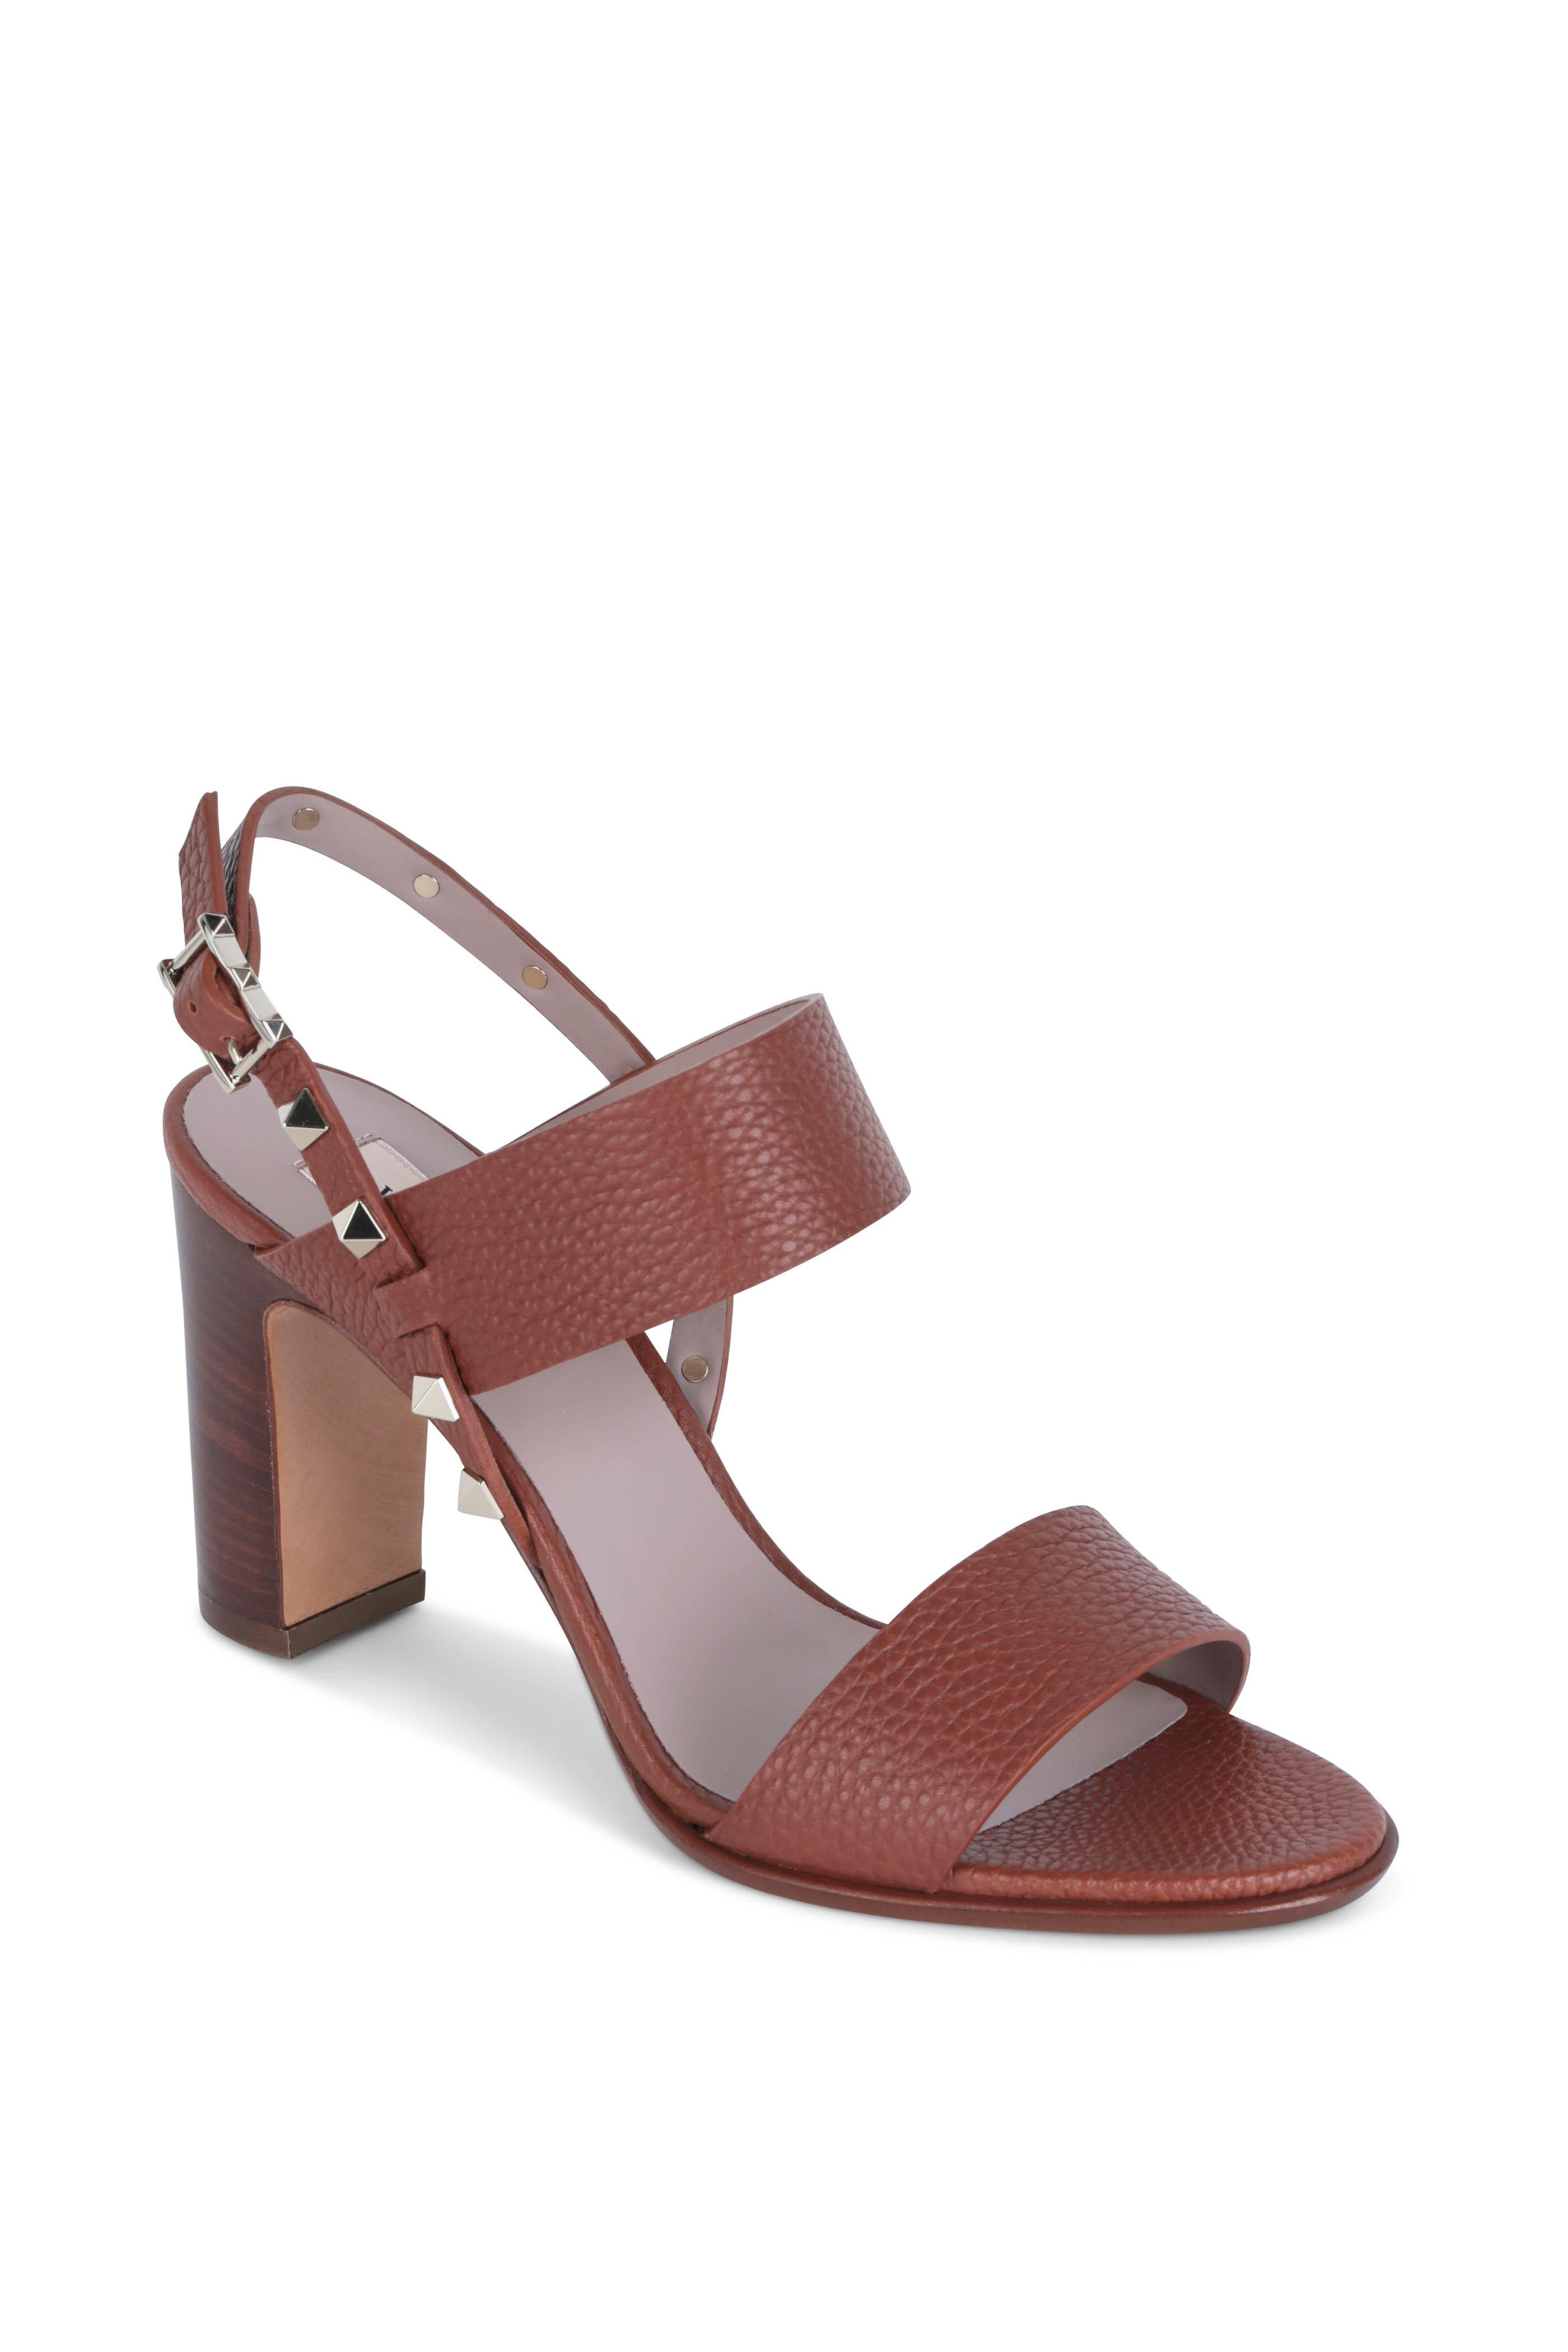 e032d0f44d05 Valentino Garavani - Rockstud Tan Leather Sandal